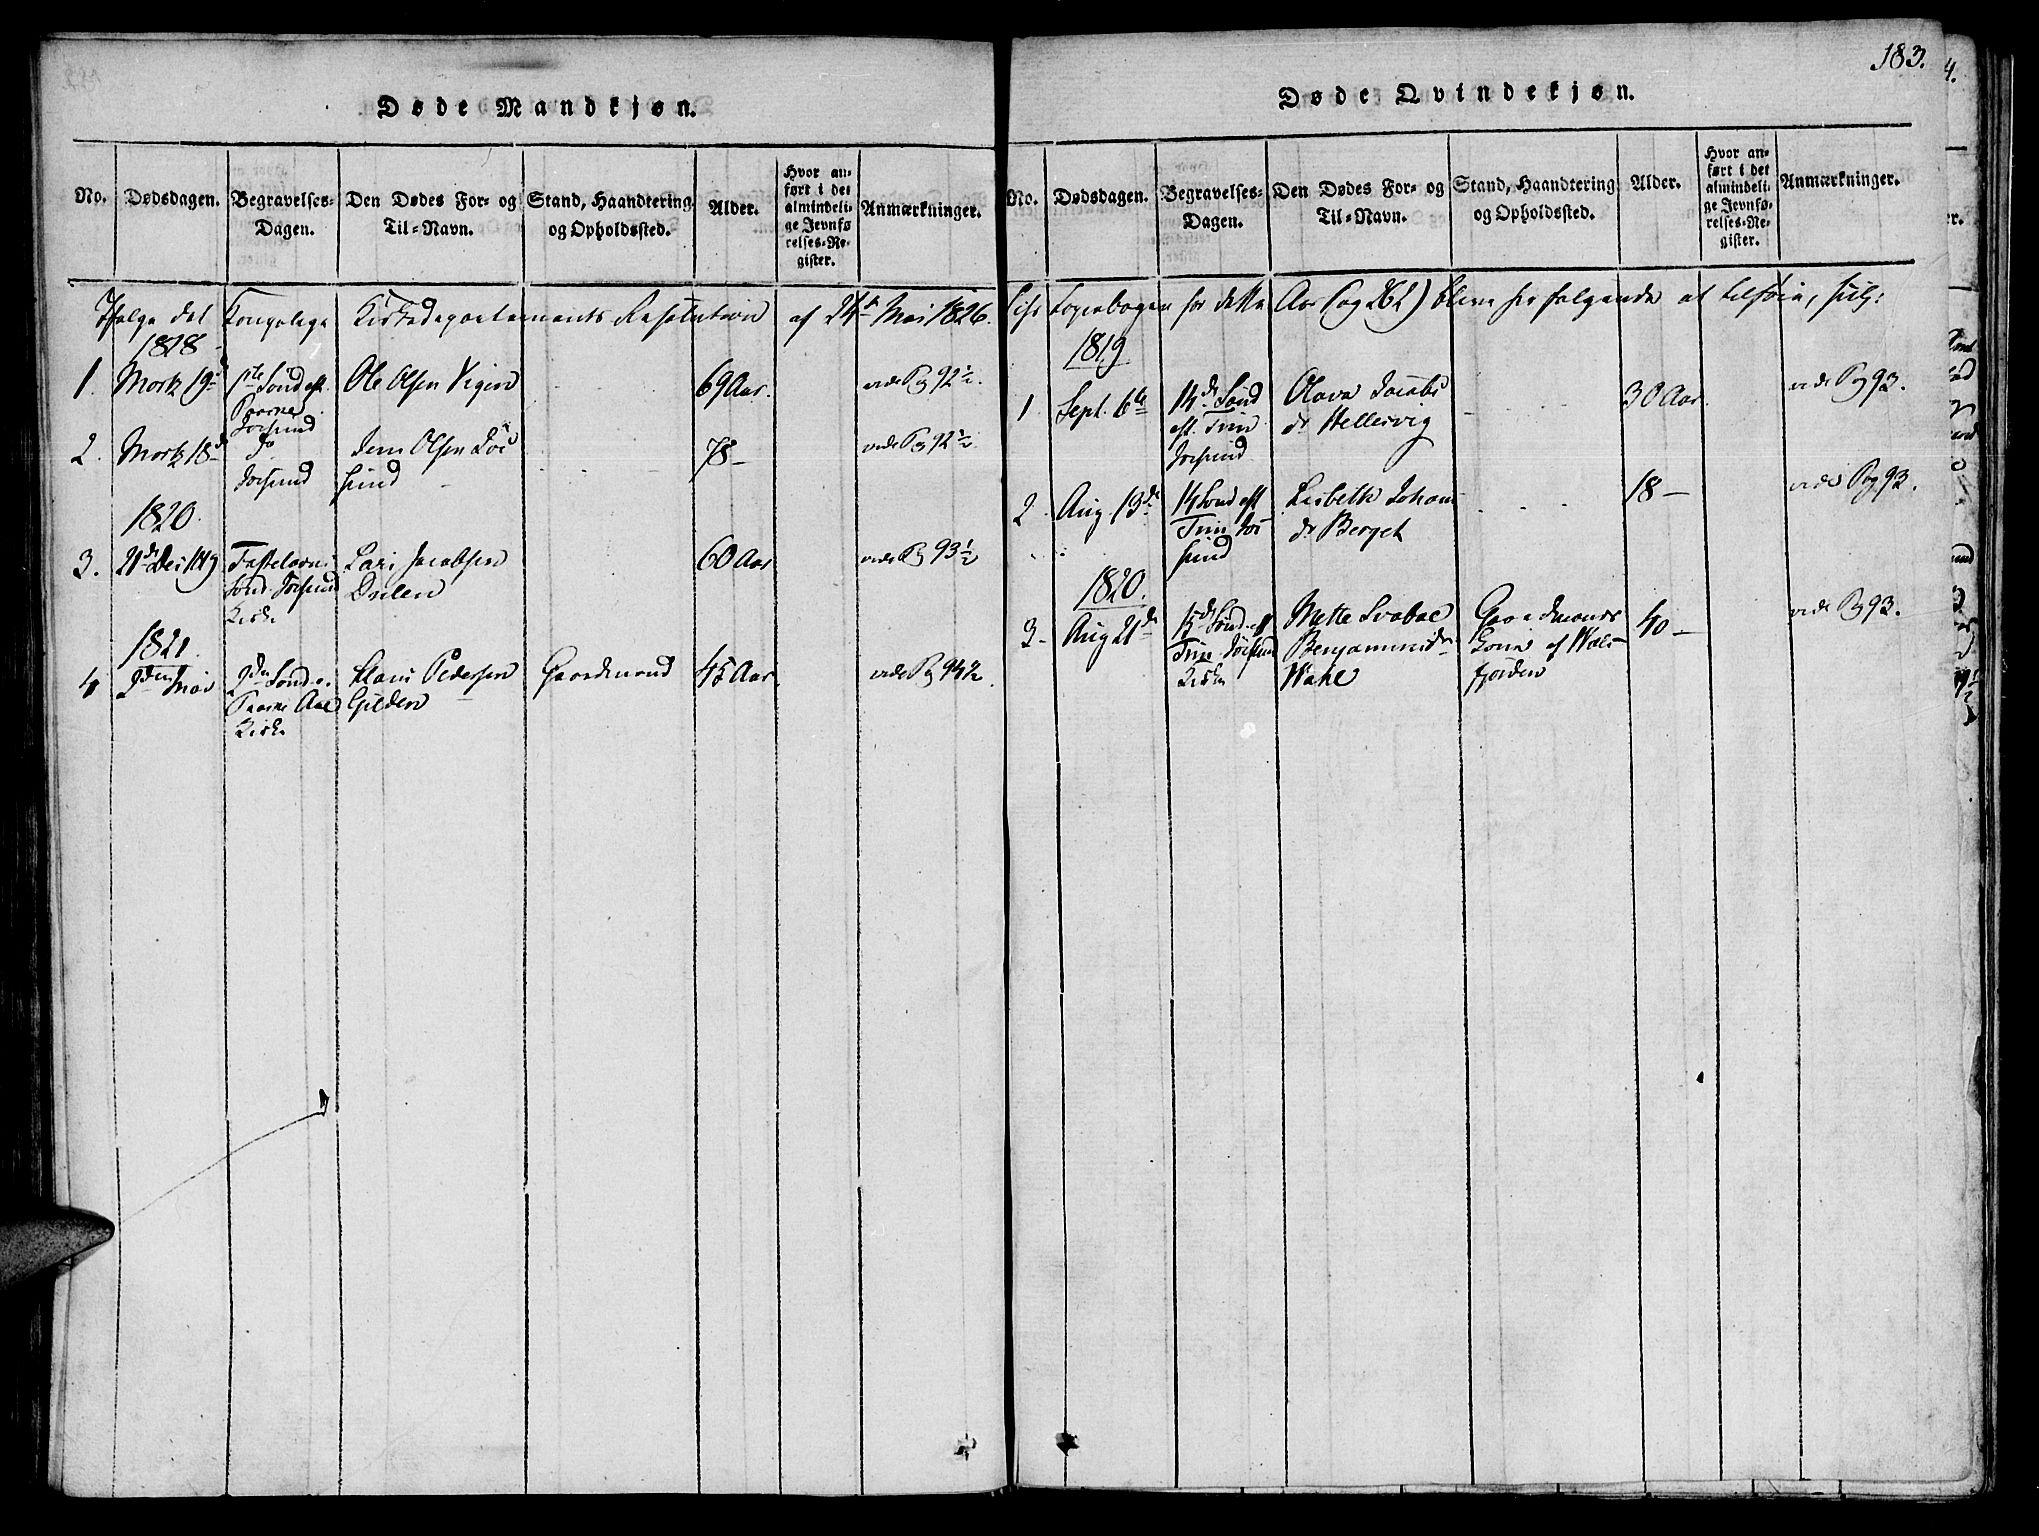 SAT, Ministerialprotokoller, klokkerbøker og fødselsregistre - Sør-Trøndelag, 655/L0675: Ministerialbok nr. 655A04, 1818-1830, s. 183